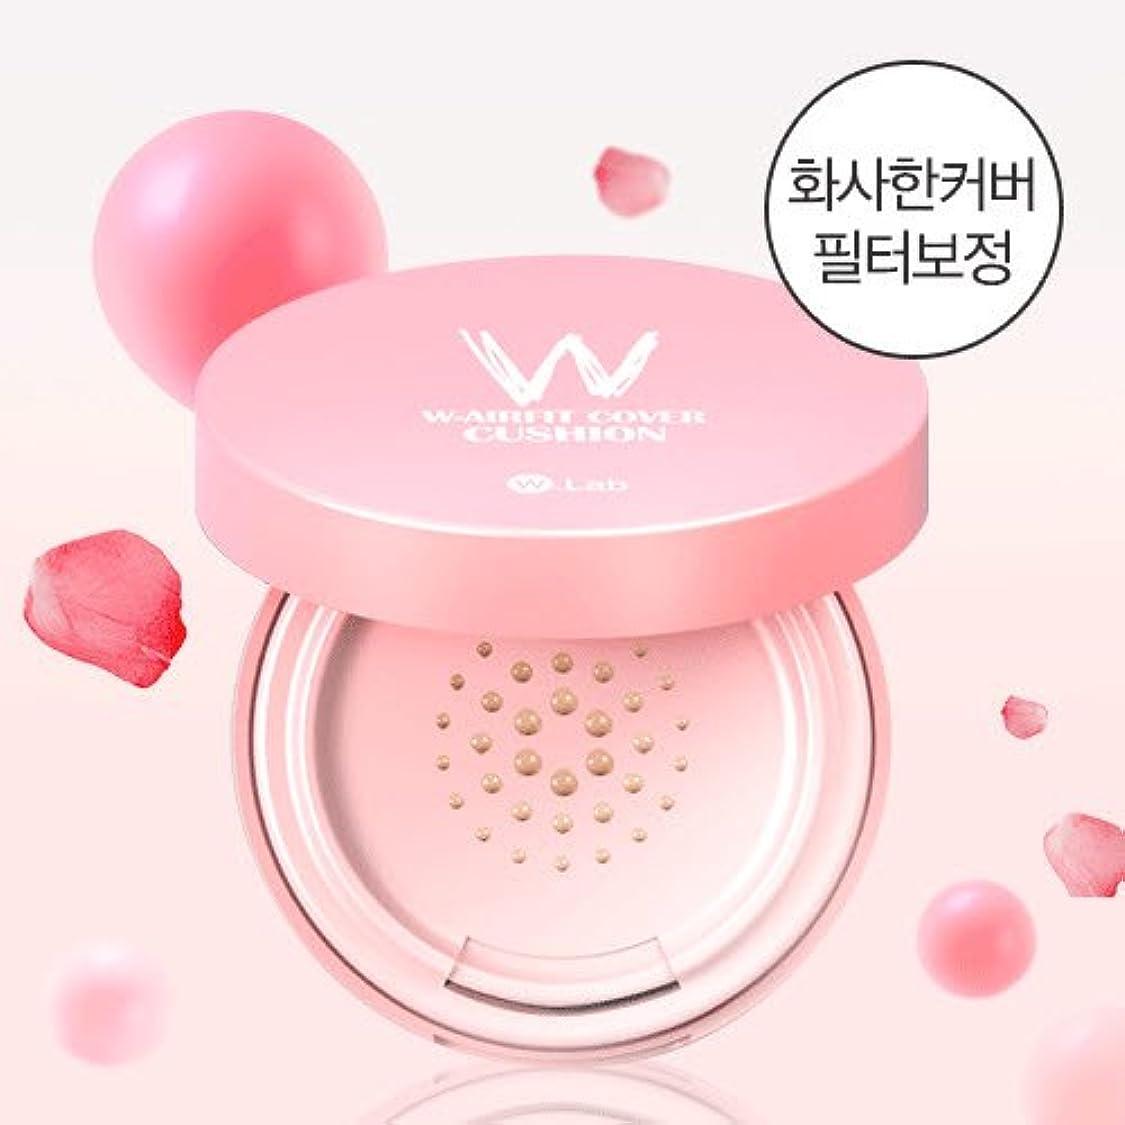 ヒューム混乱させる欠かせないW.Lab(Wラボ) ピンクホールクッション/Pink Hole Cushion (#23) [並行輸入品]